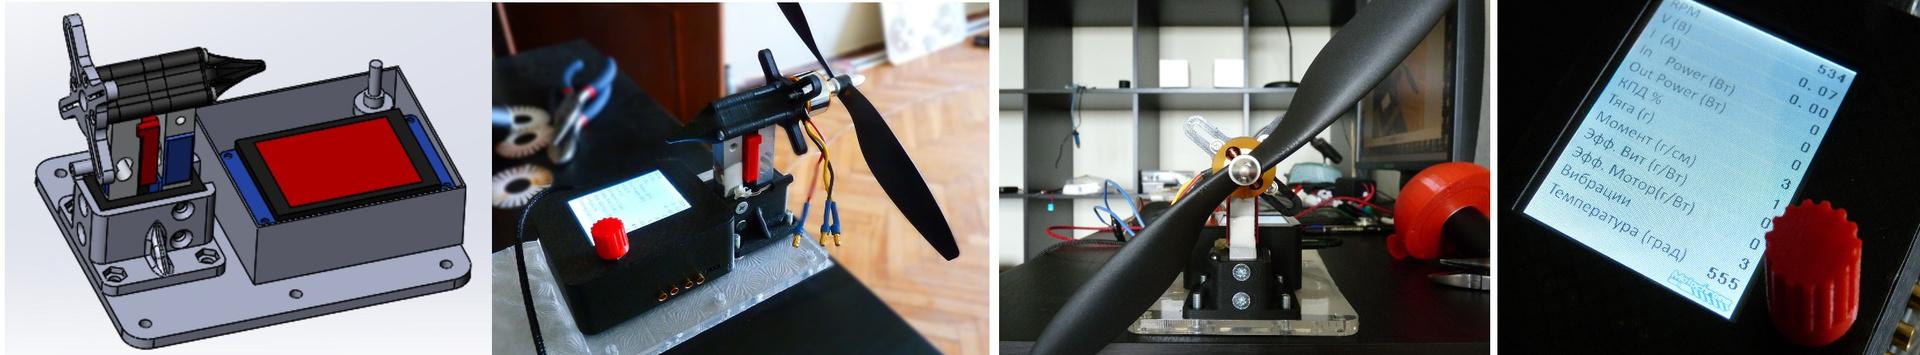 Использование дронов для анализа состава воздуха